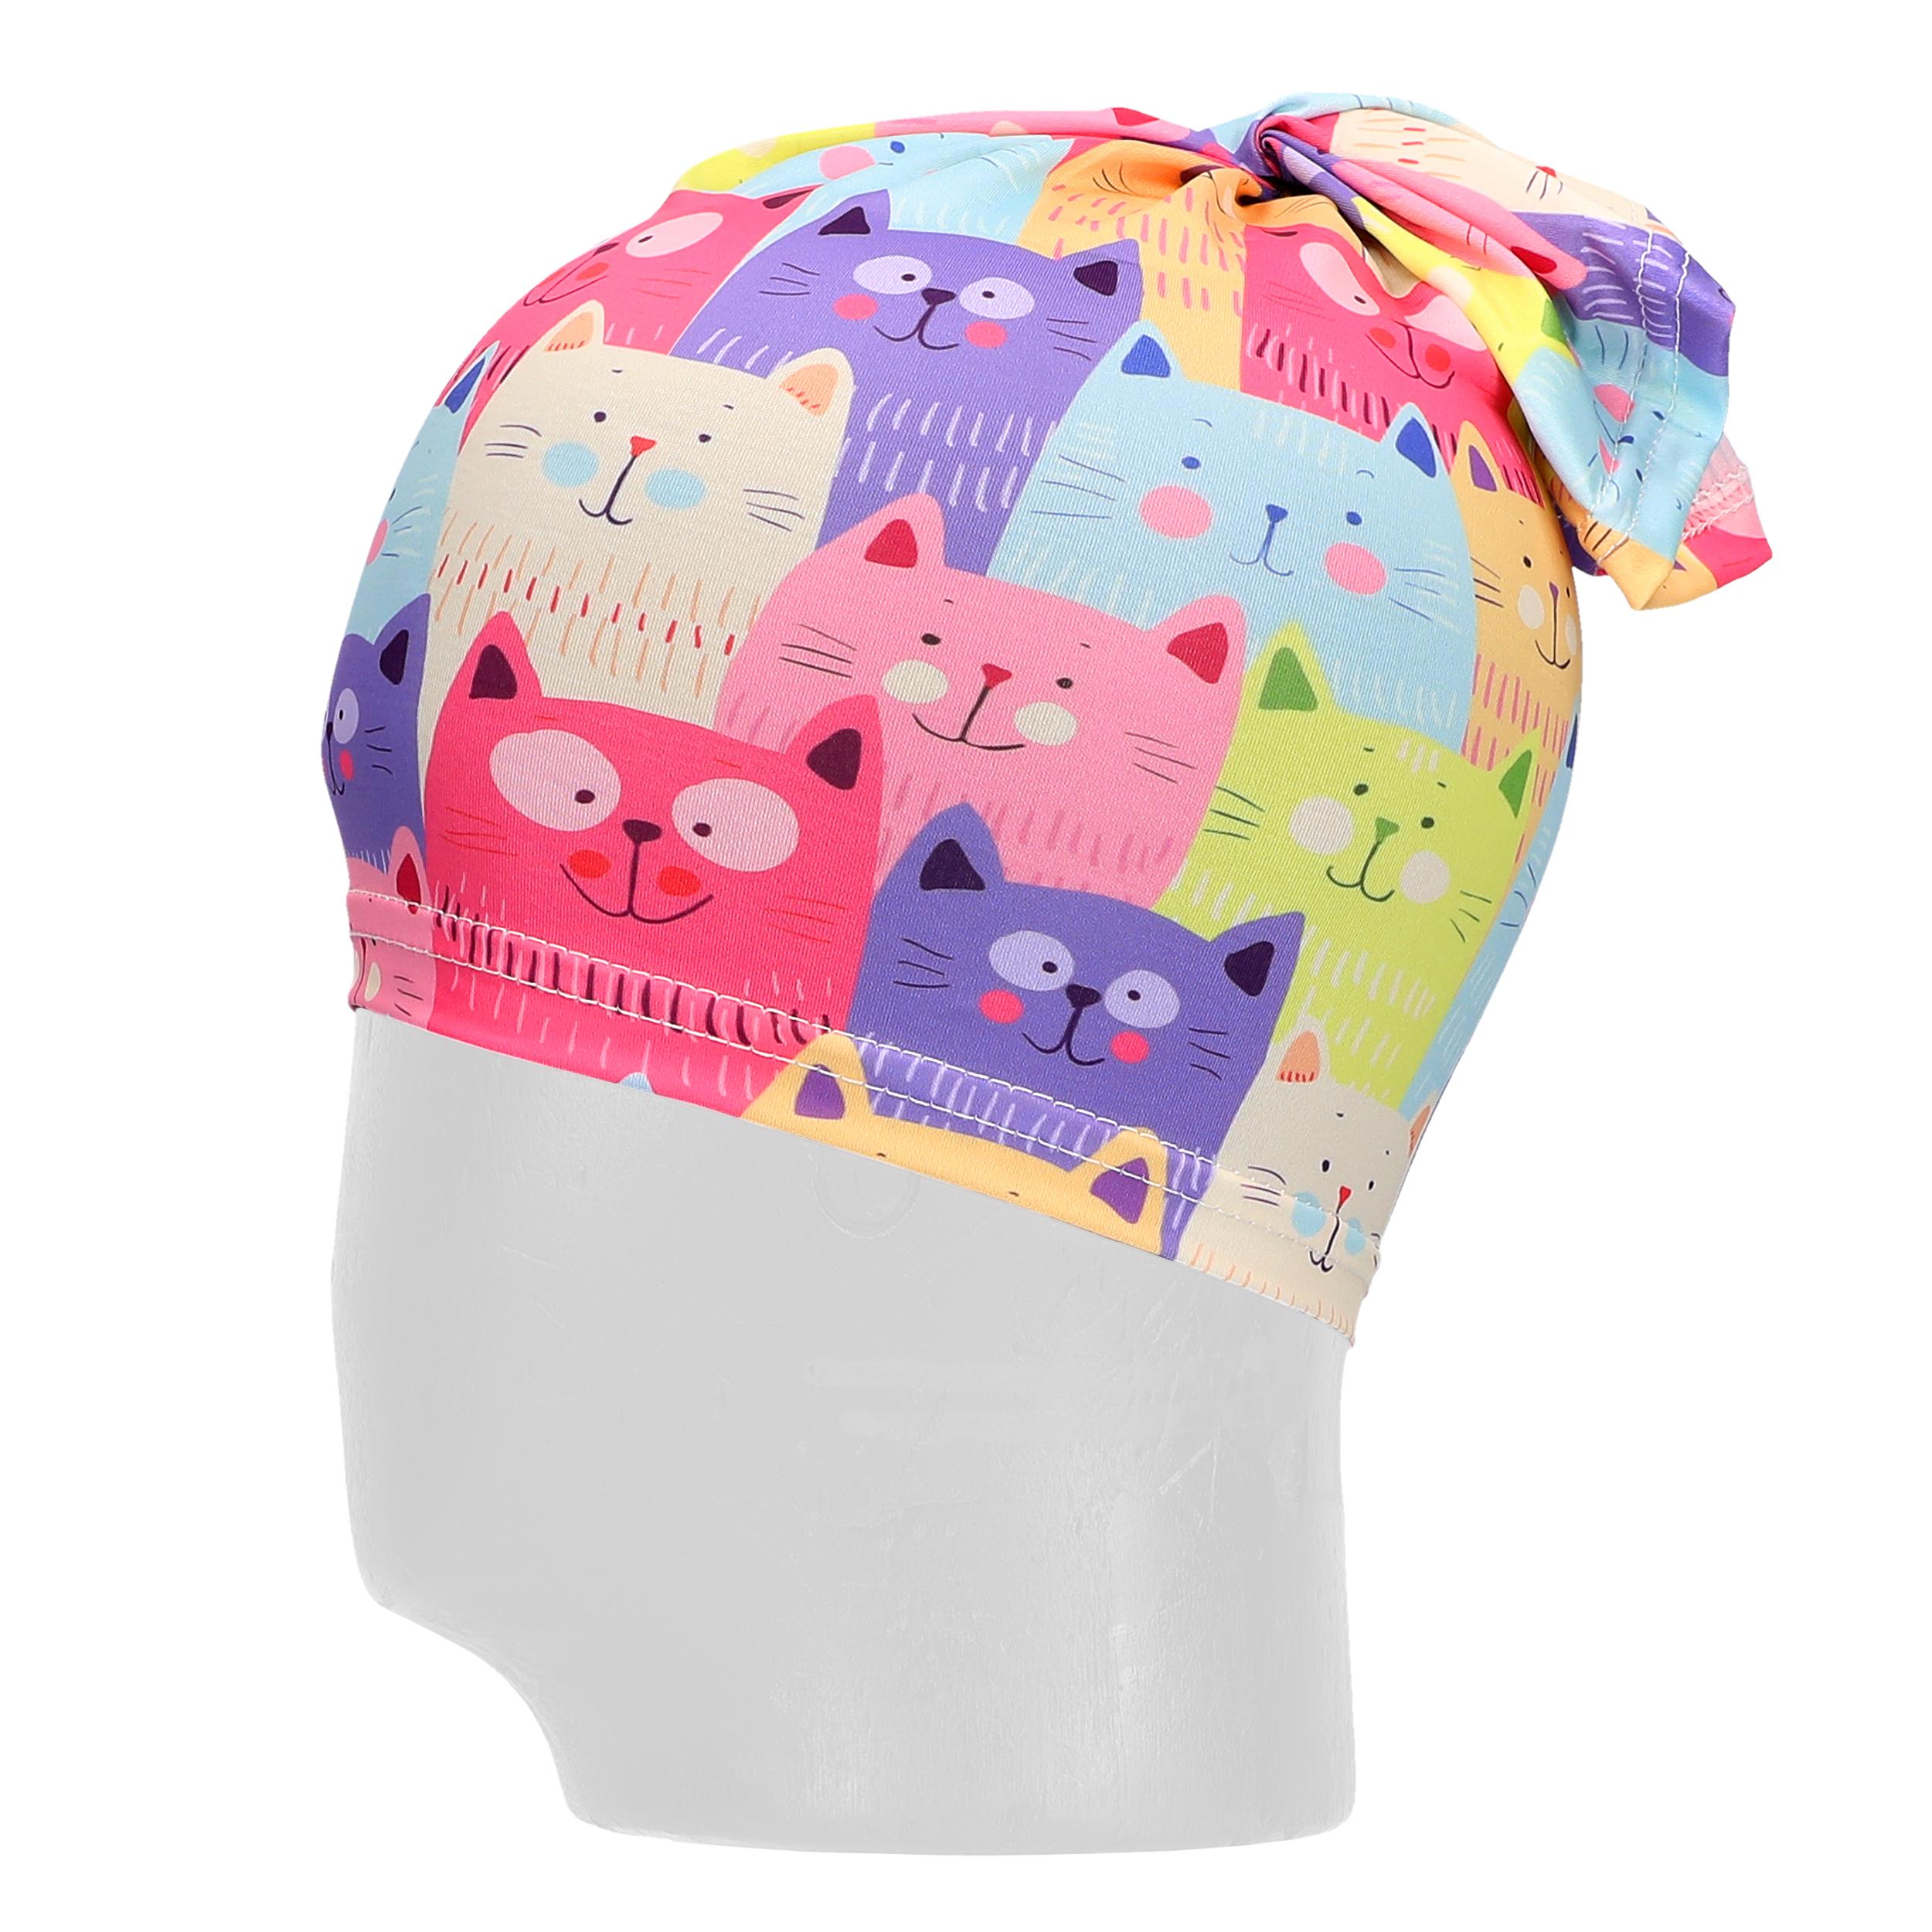 Indexbild 67 - Kinder Schlauchschal Maske Gesichtsmaske Mund Nase Bedeckung Halstuch waschbar